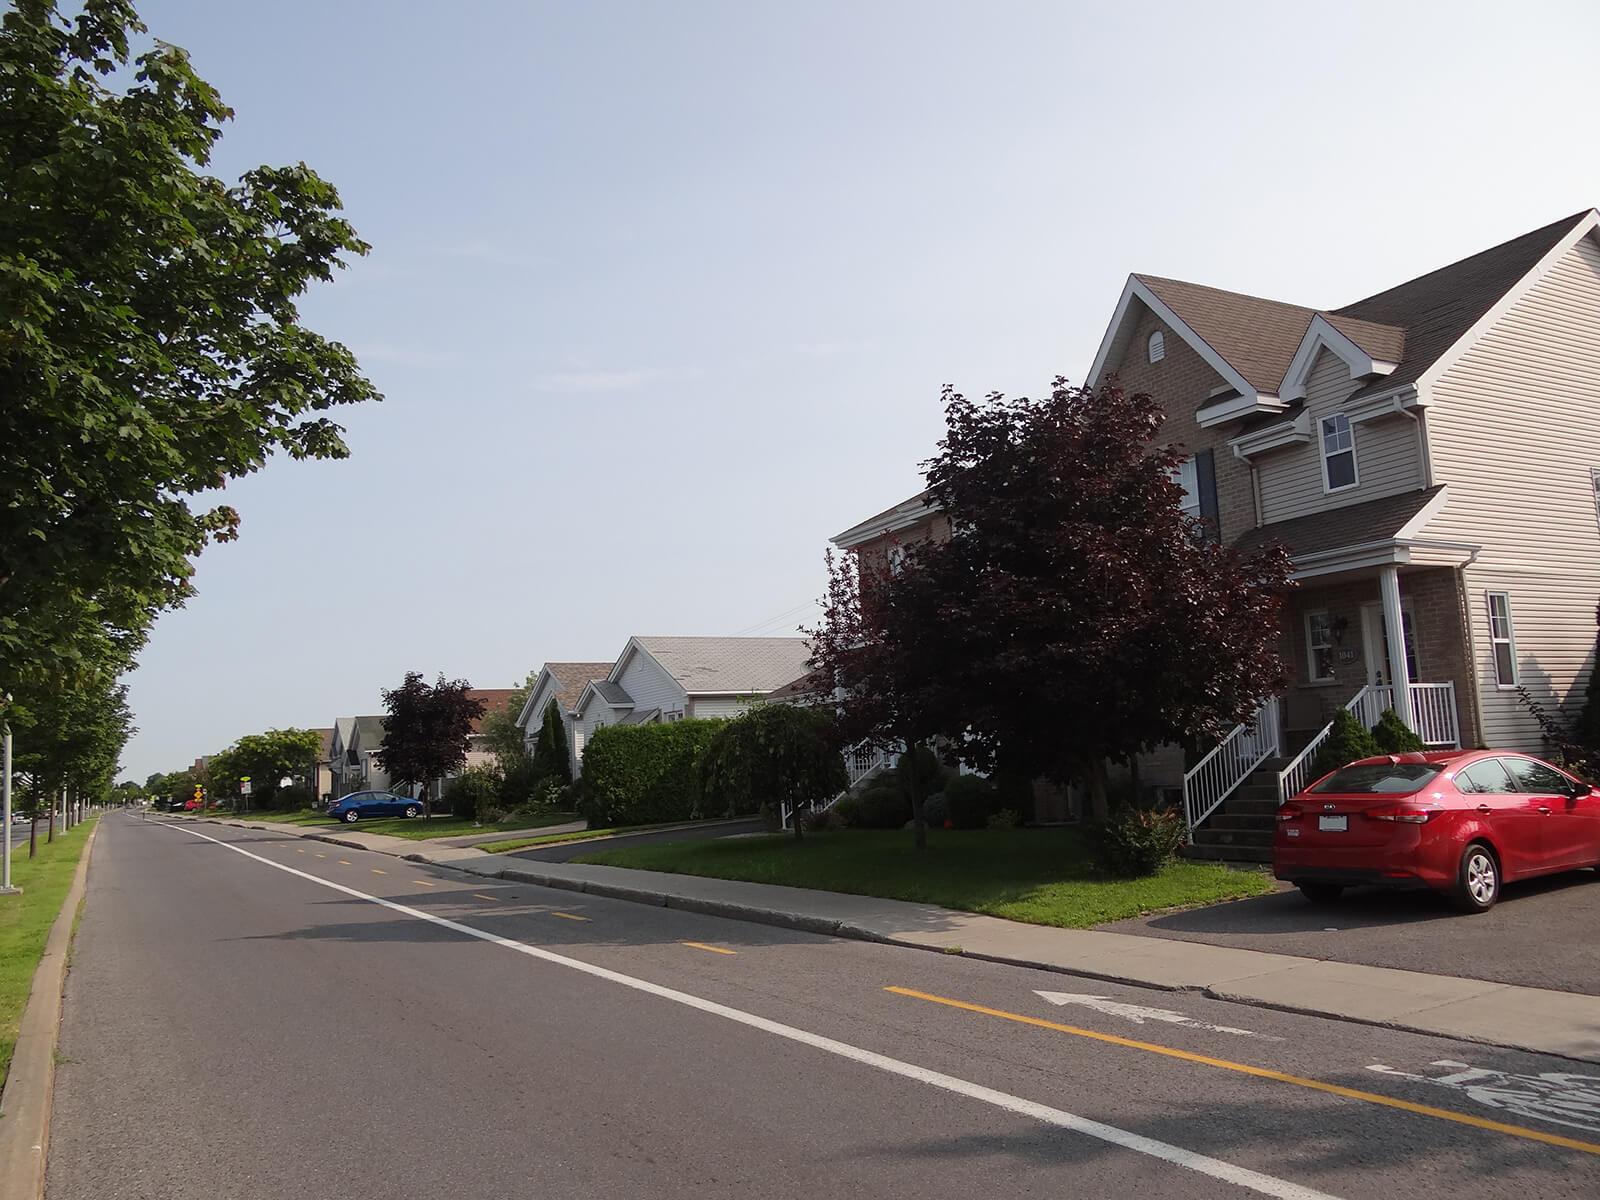 Maisons sur la rue Alexis-Lebert